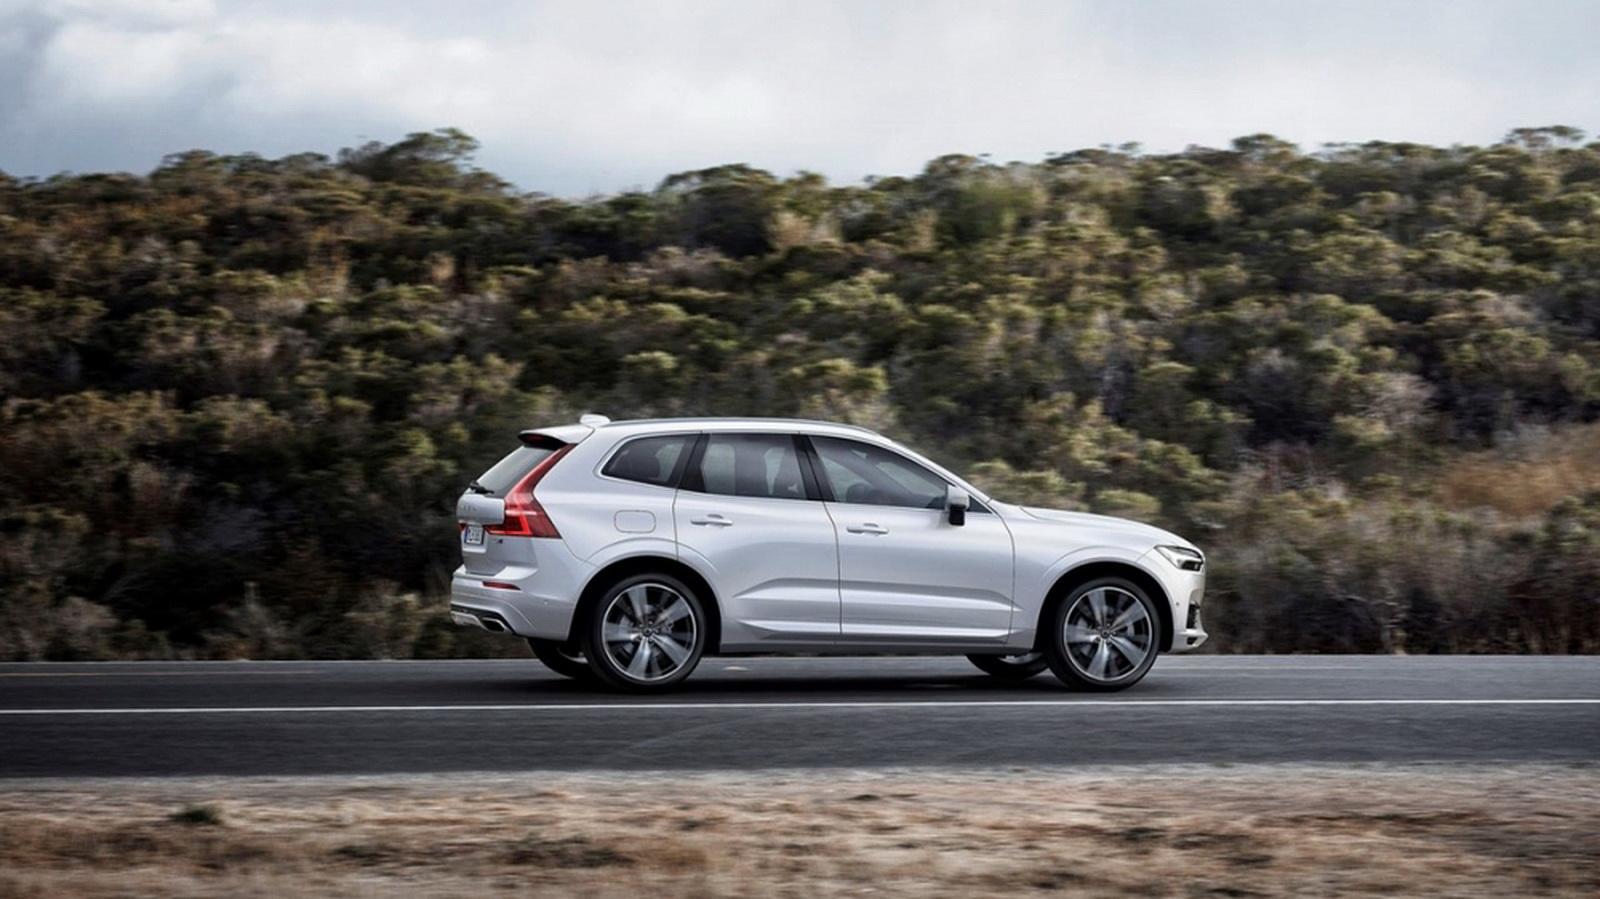 圖/2020 Volvo XC60 D4 Momentum搭載新世代Drive-E高效節能動力系統,保有暢快滿足的駕駛樂趣。